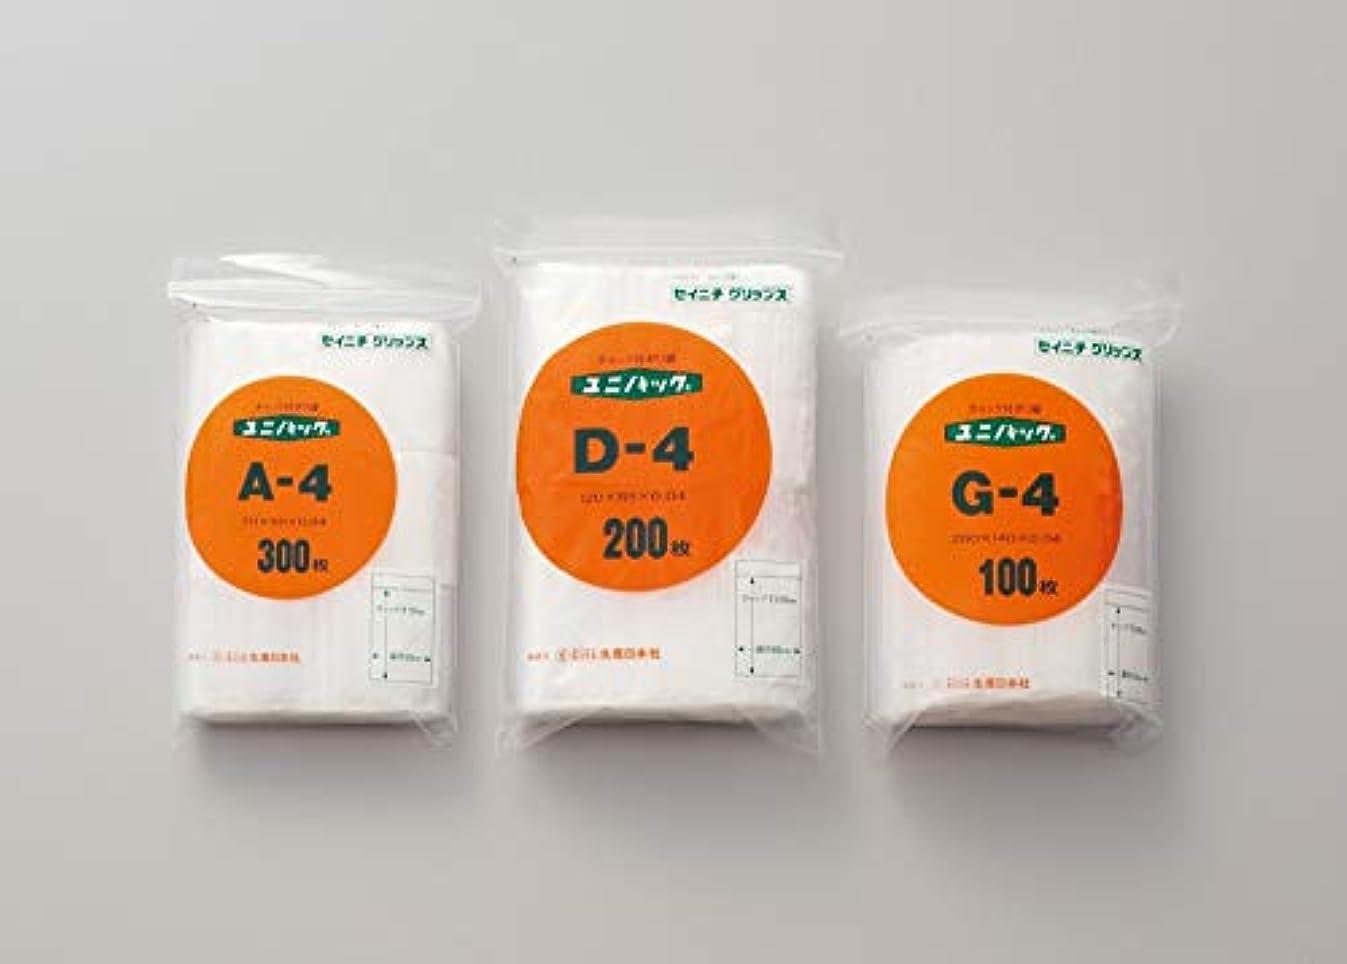 モザイク火山のレンズユニパック H-4 100枚入 単位:100枚入/袋